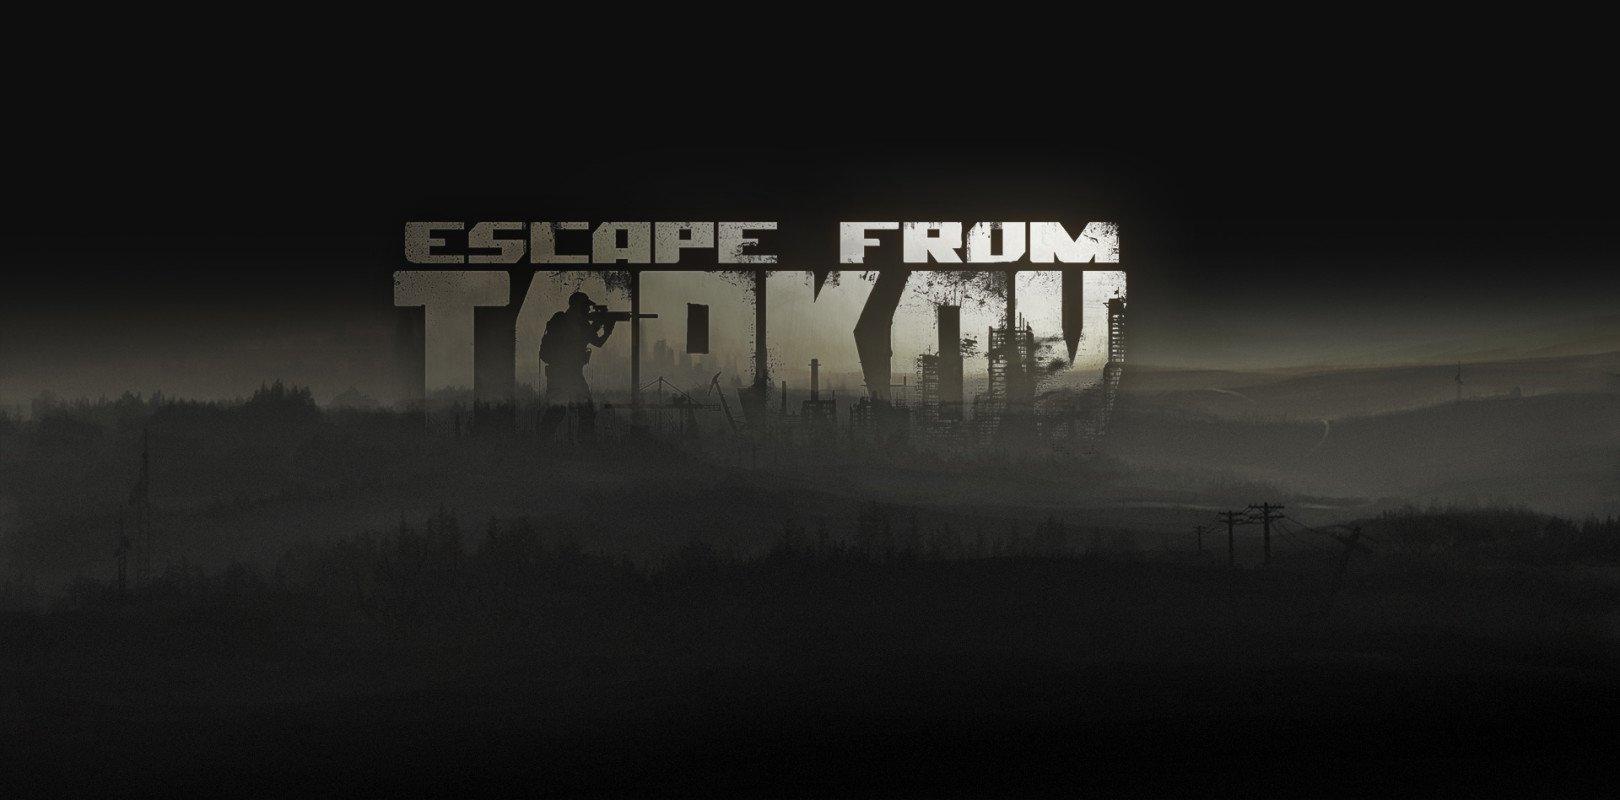 Escape_from_Tarkov_title-1620x800